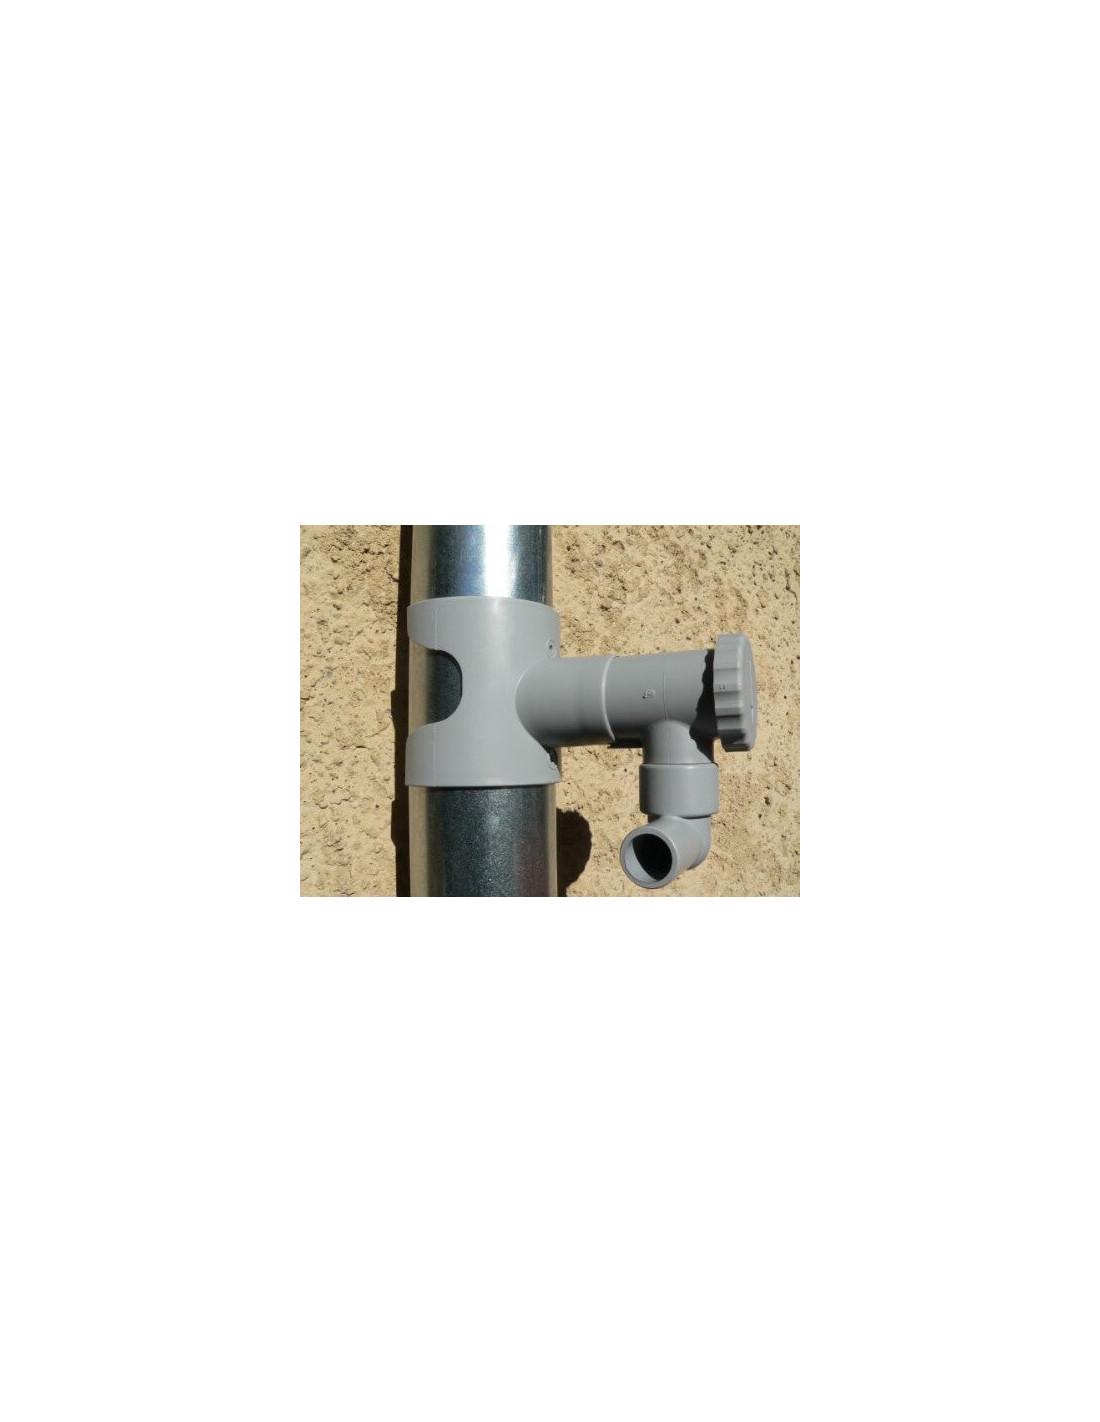 Kit collecteur eau de pluie capt 39 eau - Kit recuperation eau de pluie ...